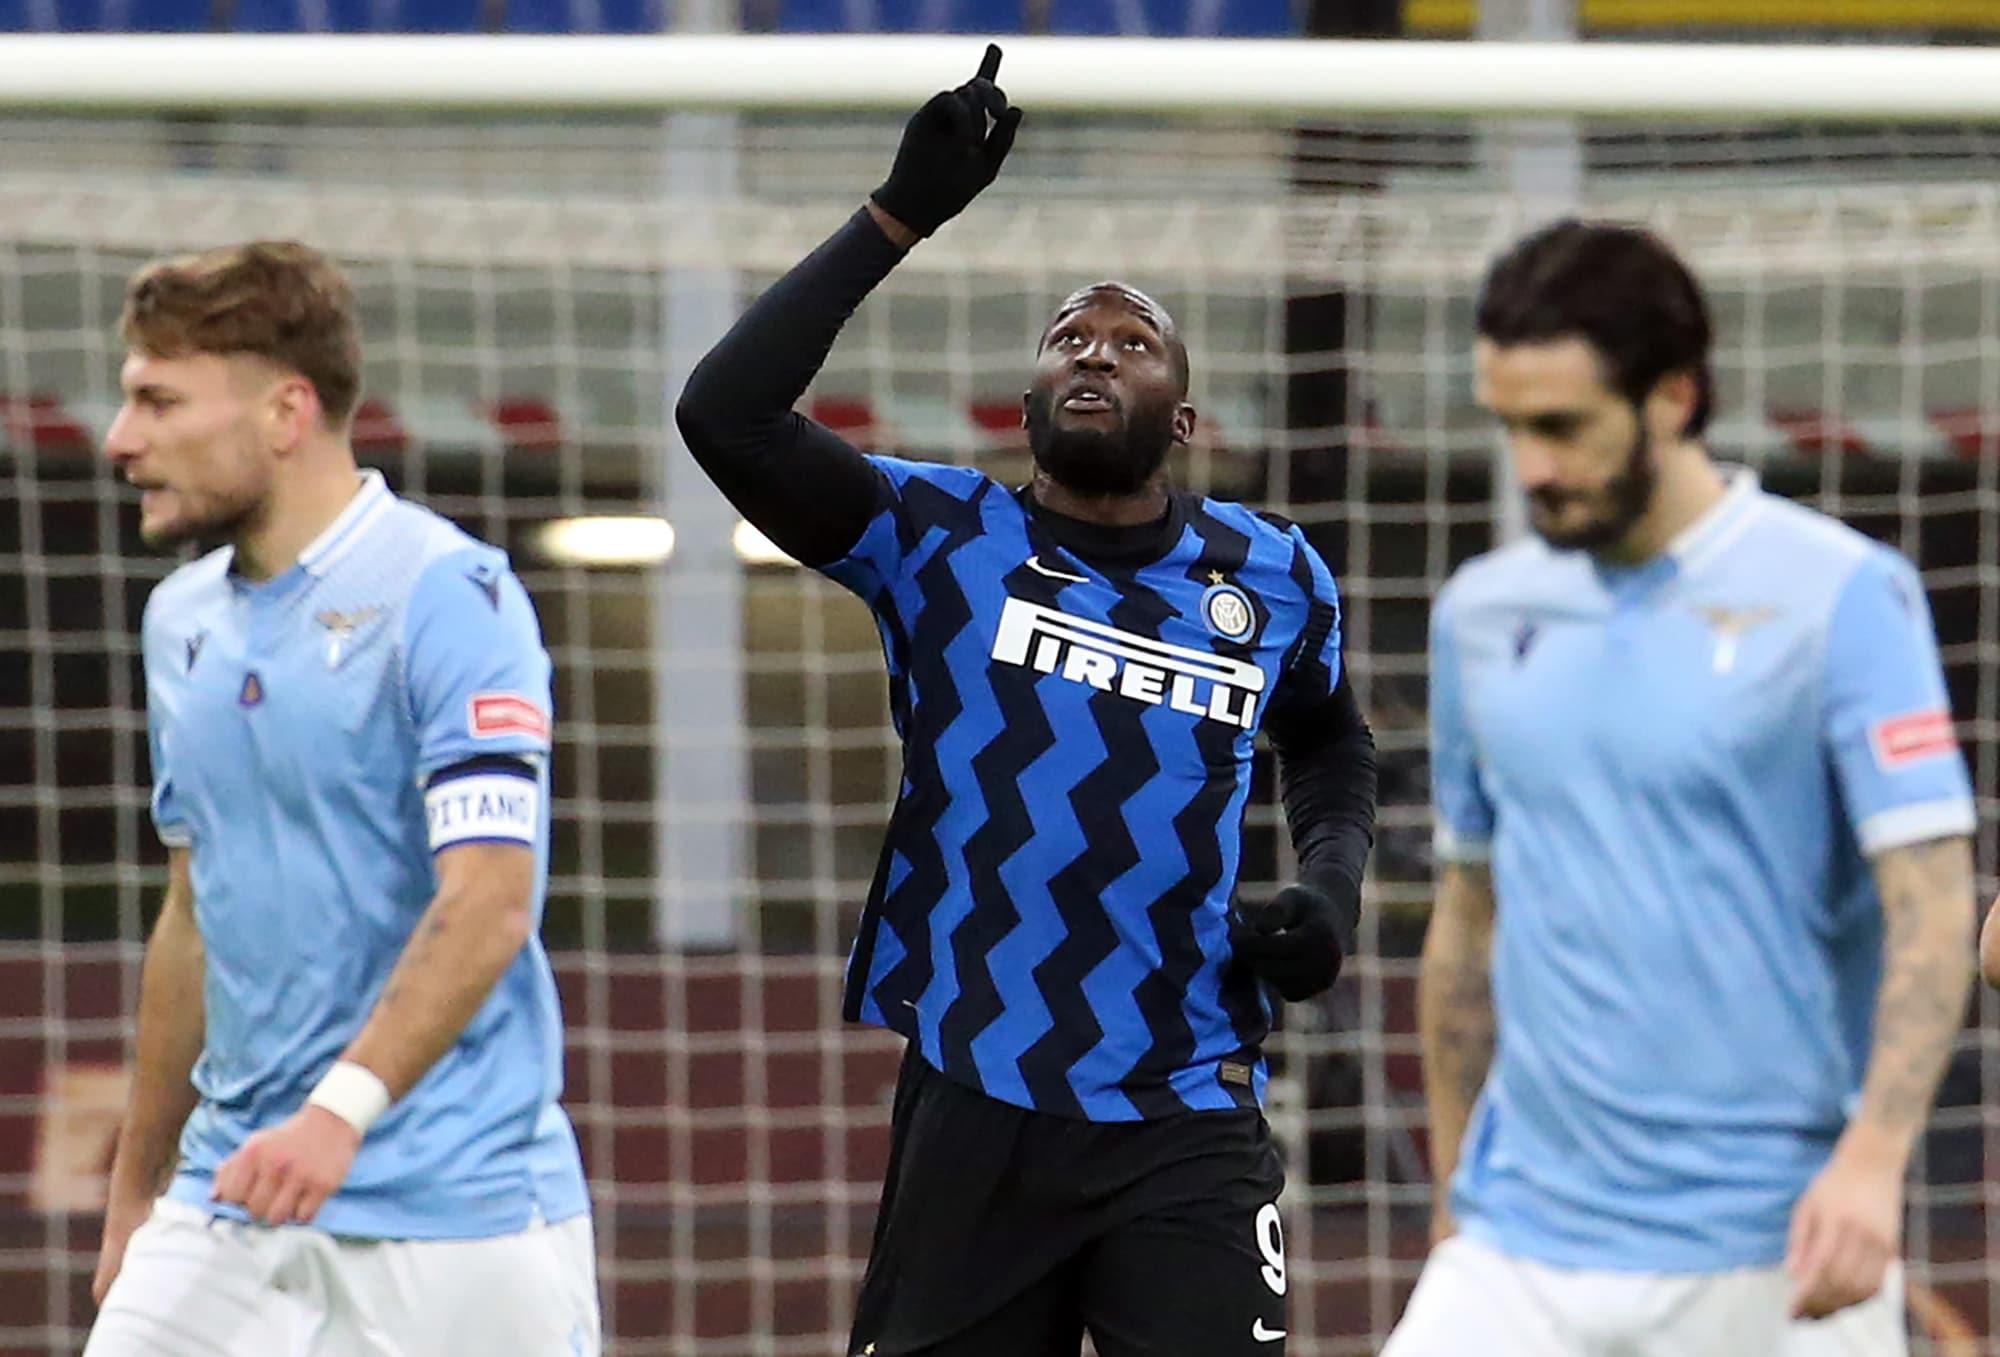 Lukaku là người hùng trong chiến thắng quan trọng của Inter trước Lazio. Ảnh: ANSA